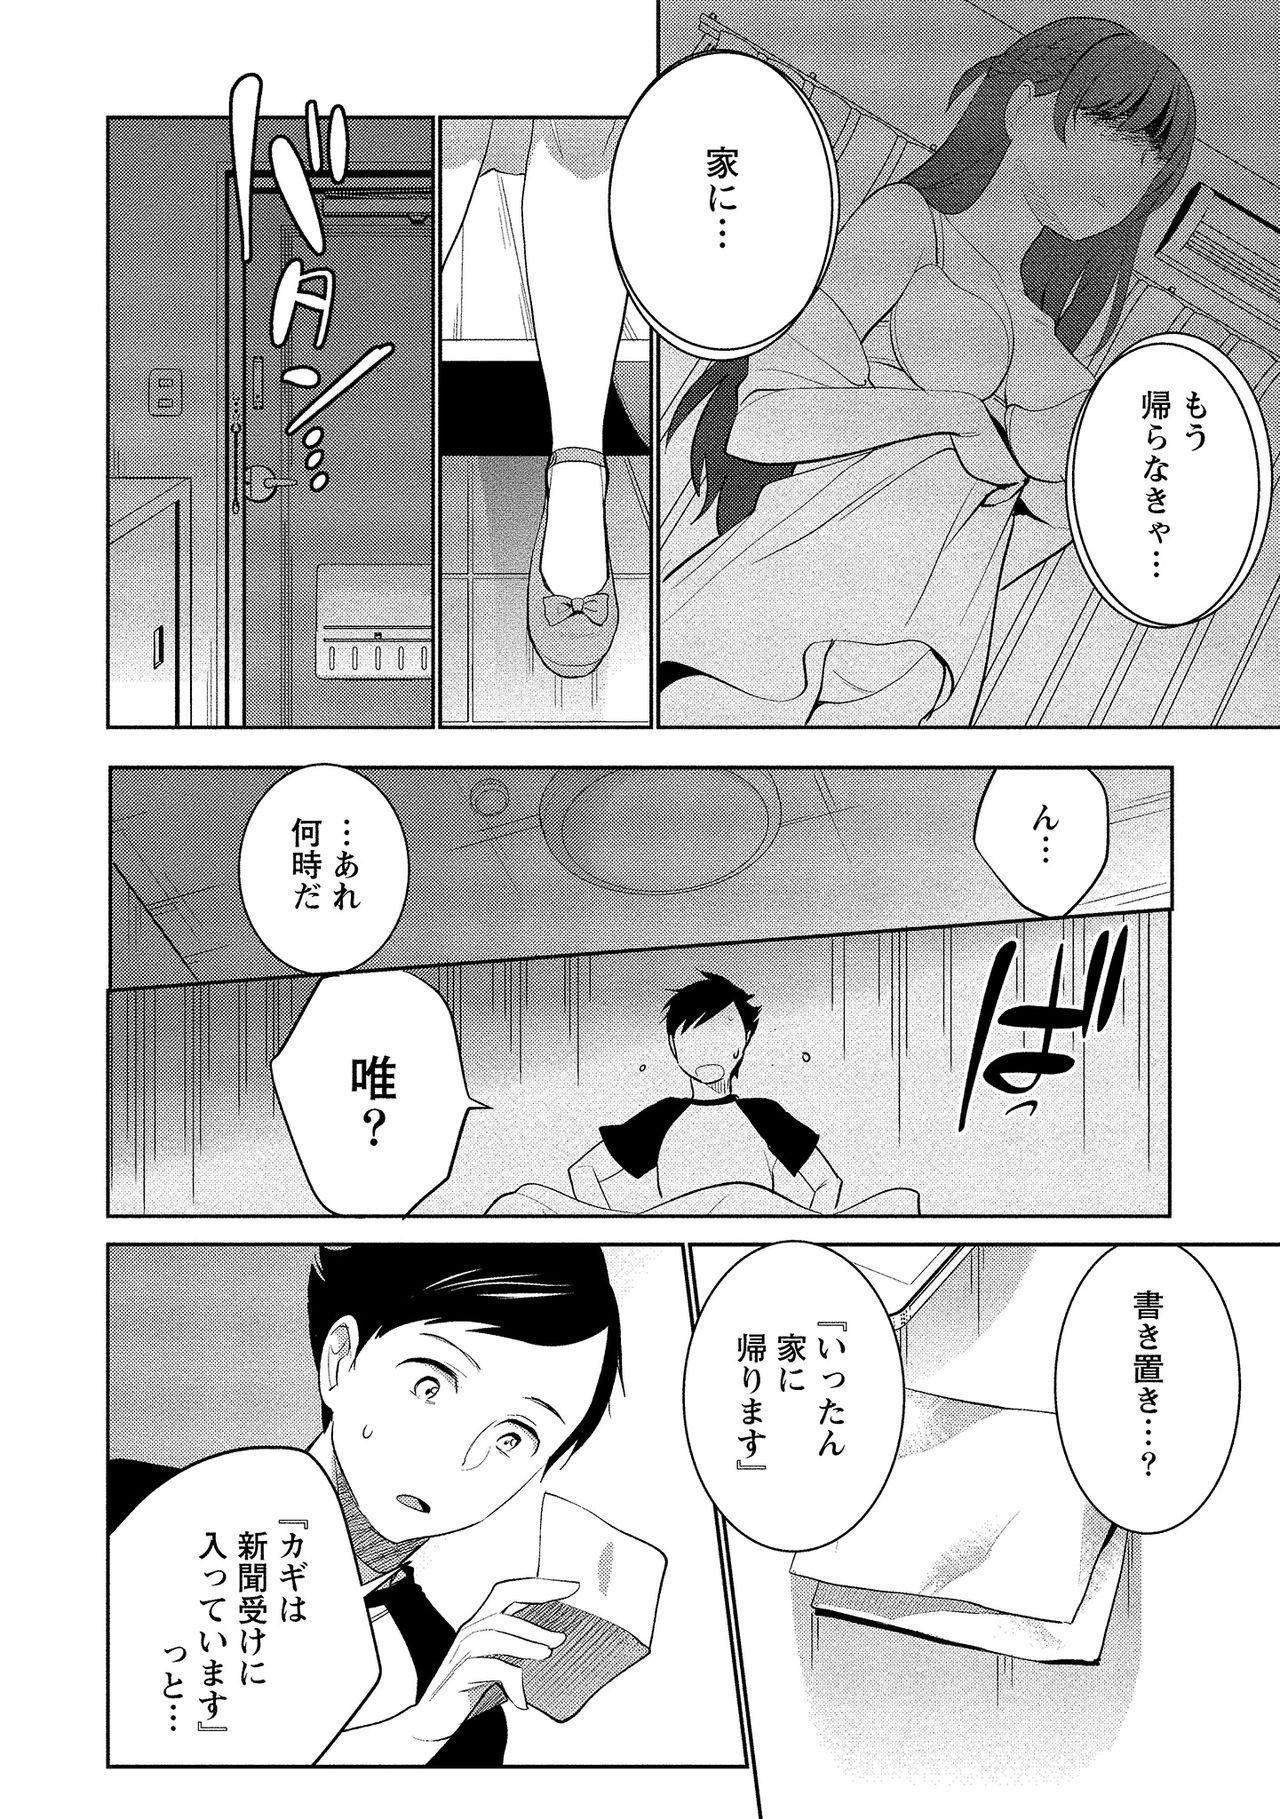 Dorobou Neko wa Kanojo no Hajimari 40